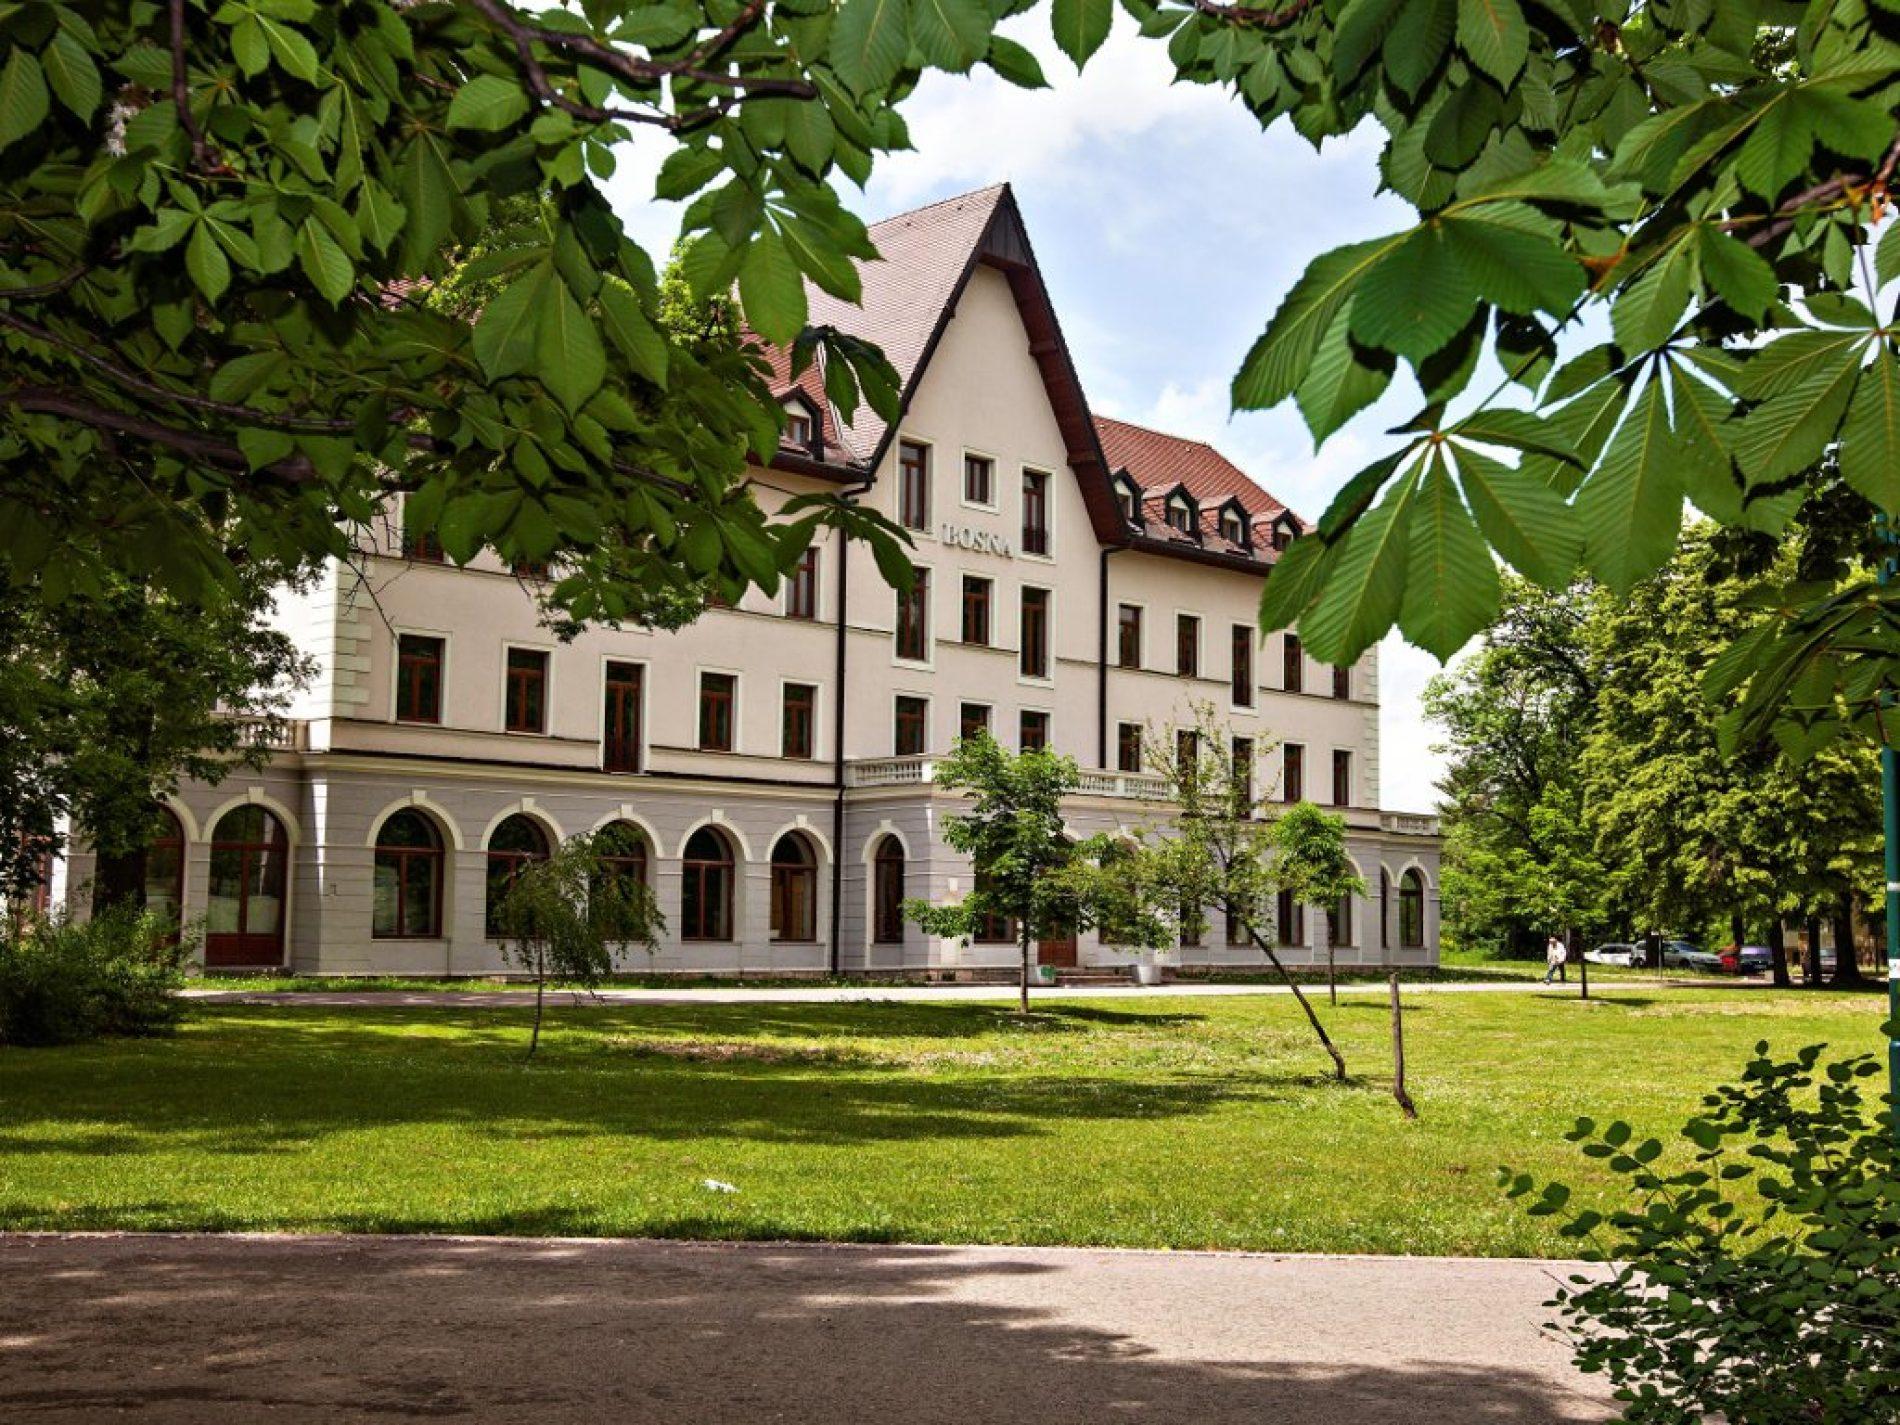 Uskoro svečano otvaranje hotela Bosna i Austria na Ilidži